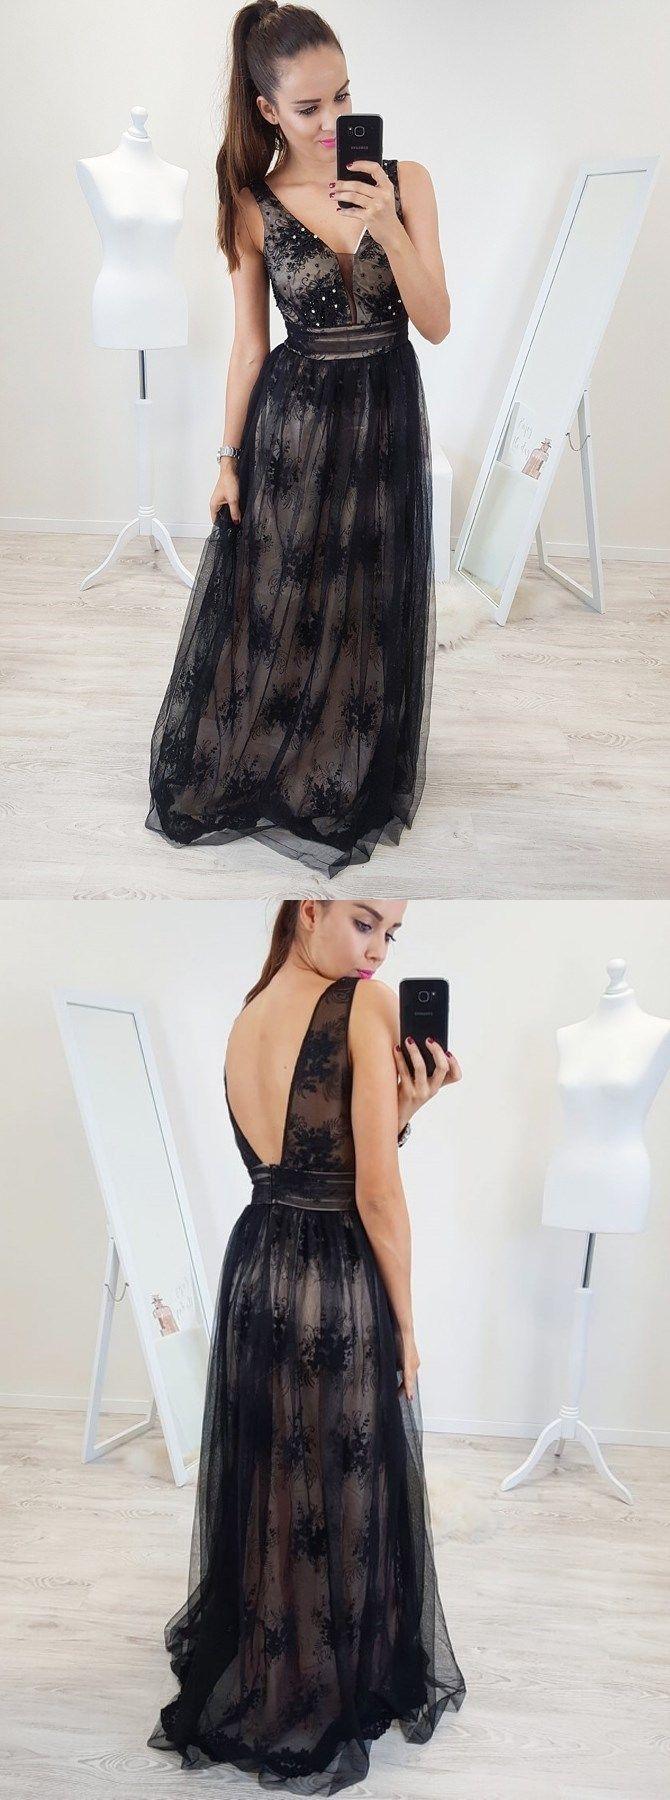 Aline vneck backless floorlength black prom dress with appliques